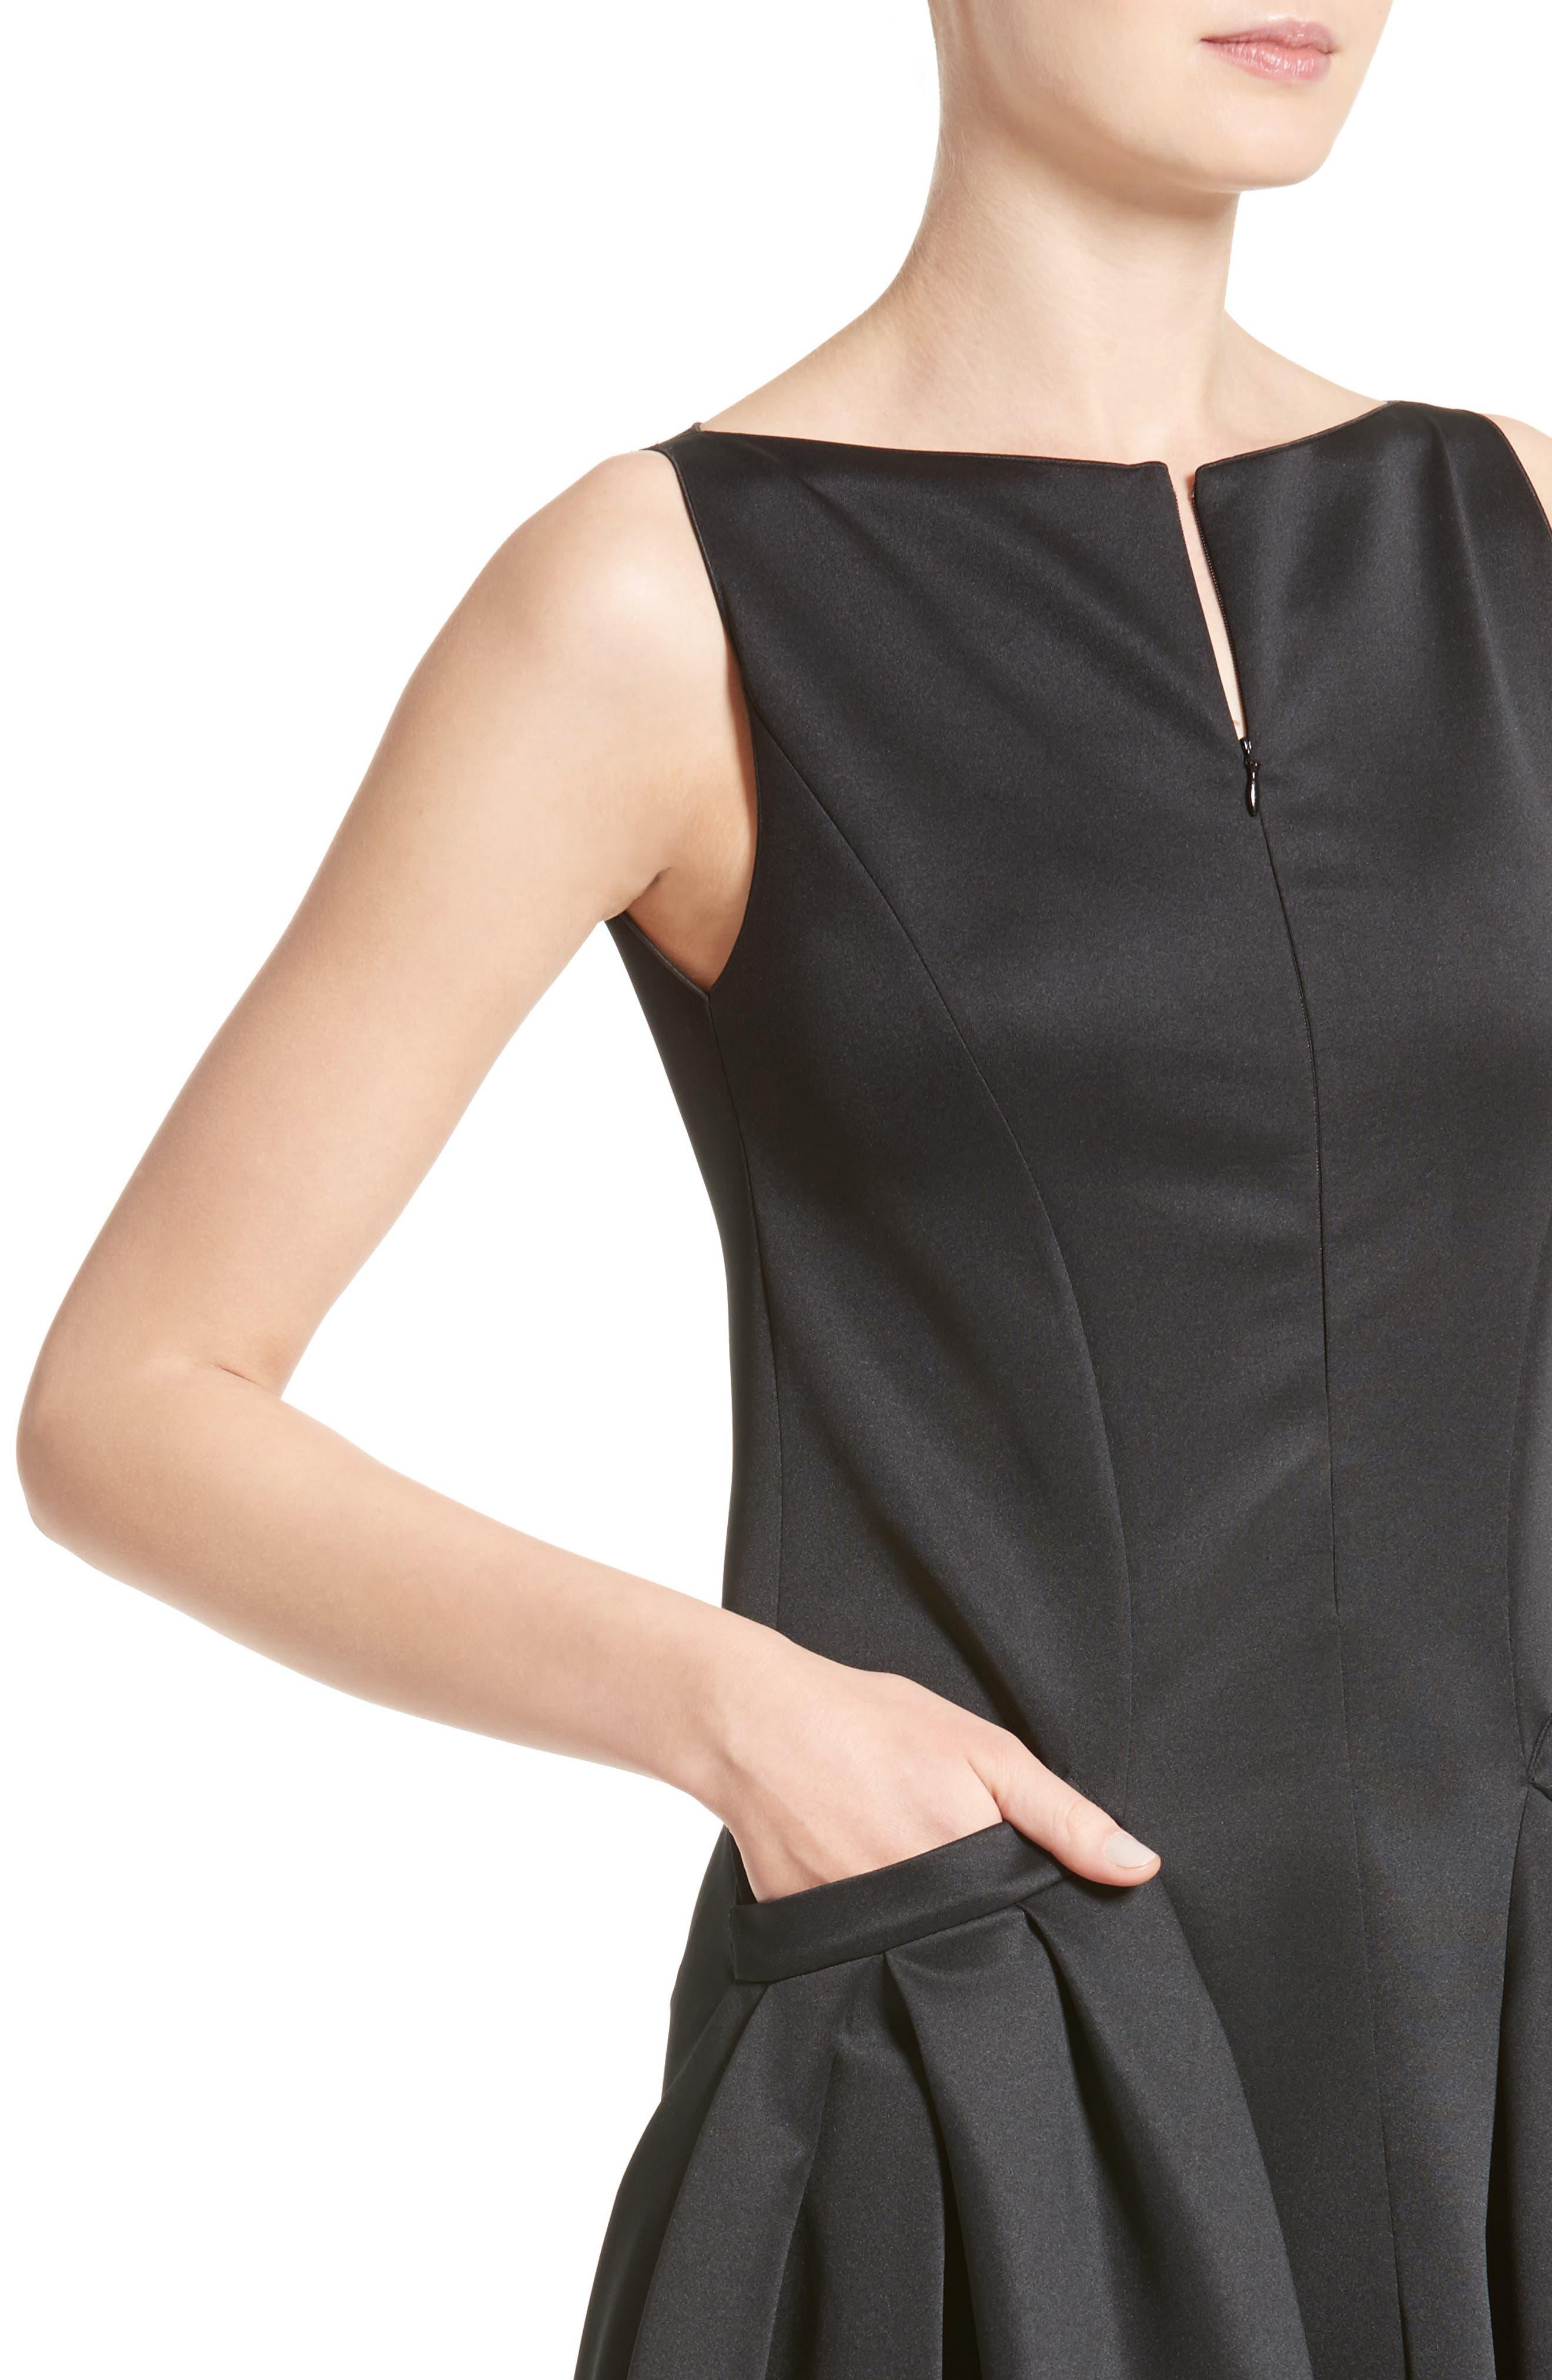 Neoprene Fit & Flare Dress,                             Alternate thumbnail 4, color,                             001